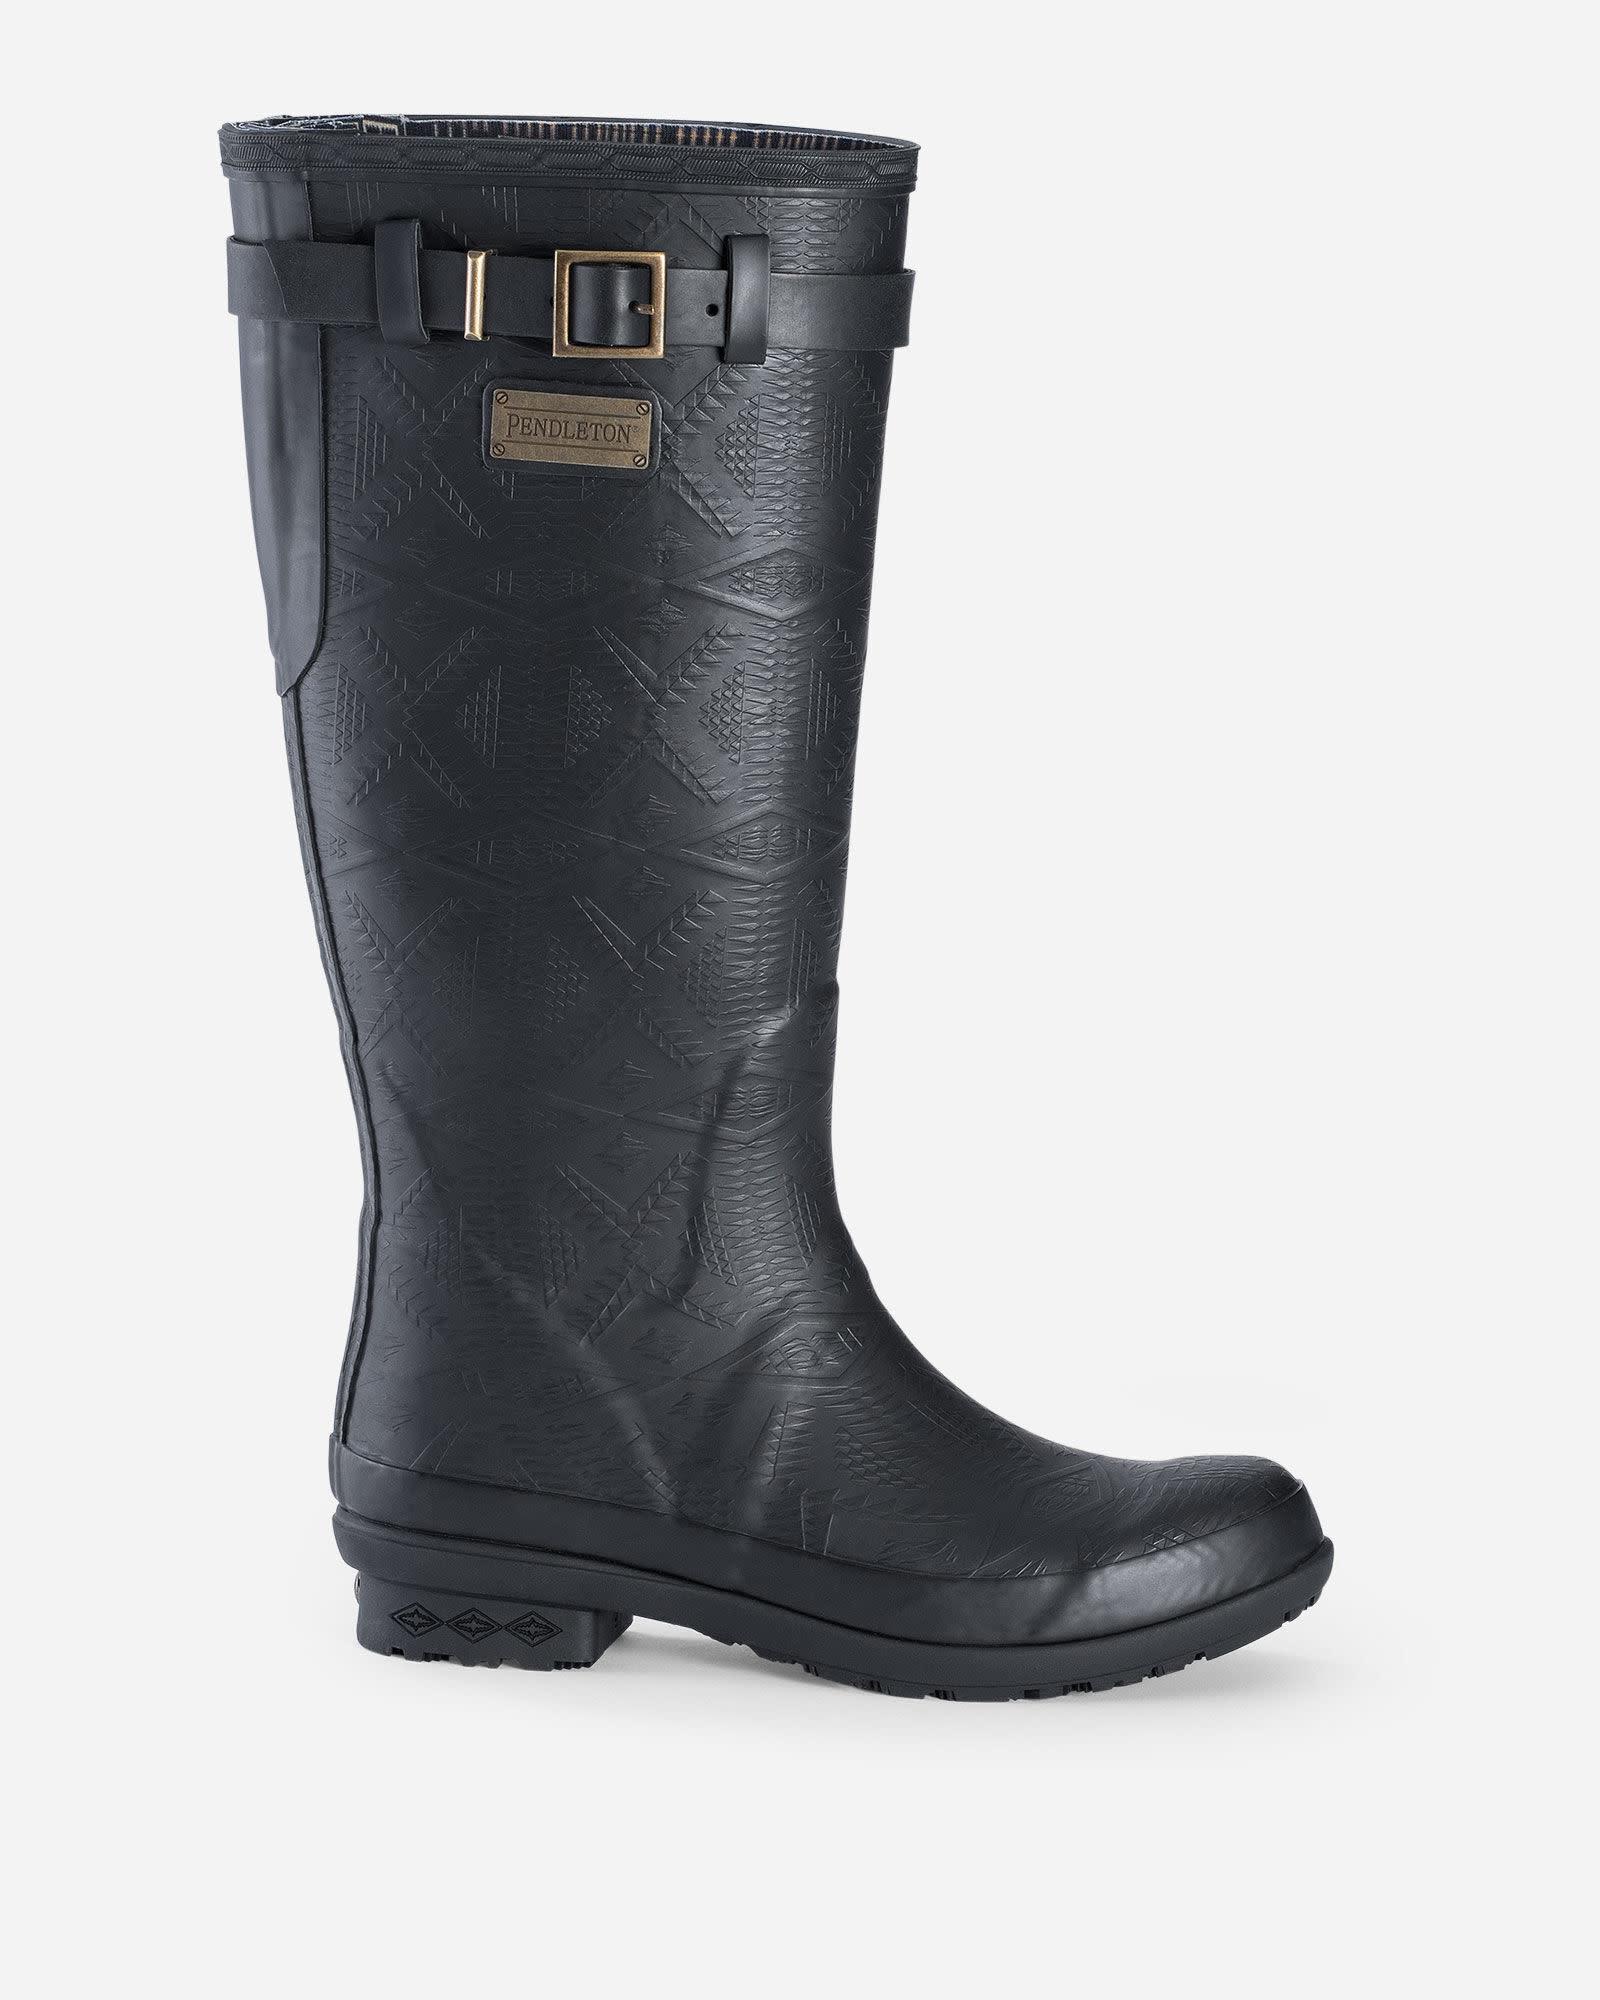 Pendleton Pendleton Heritage Embossed Tall Rain Boots